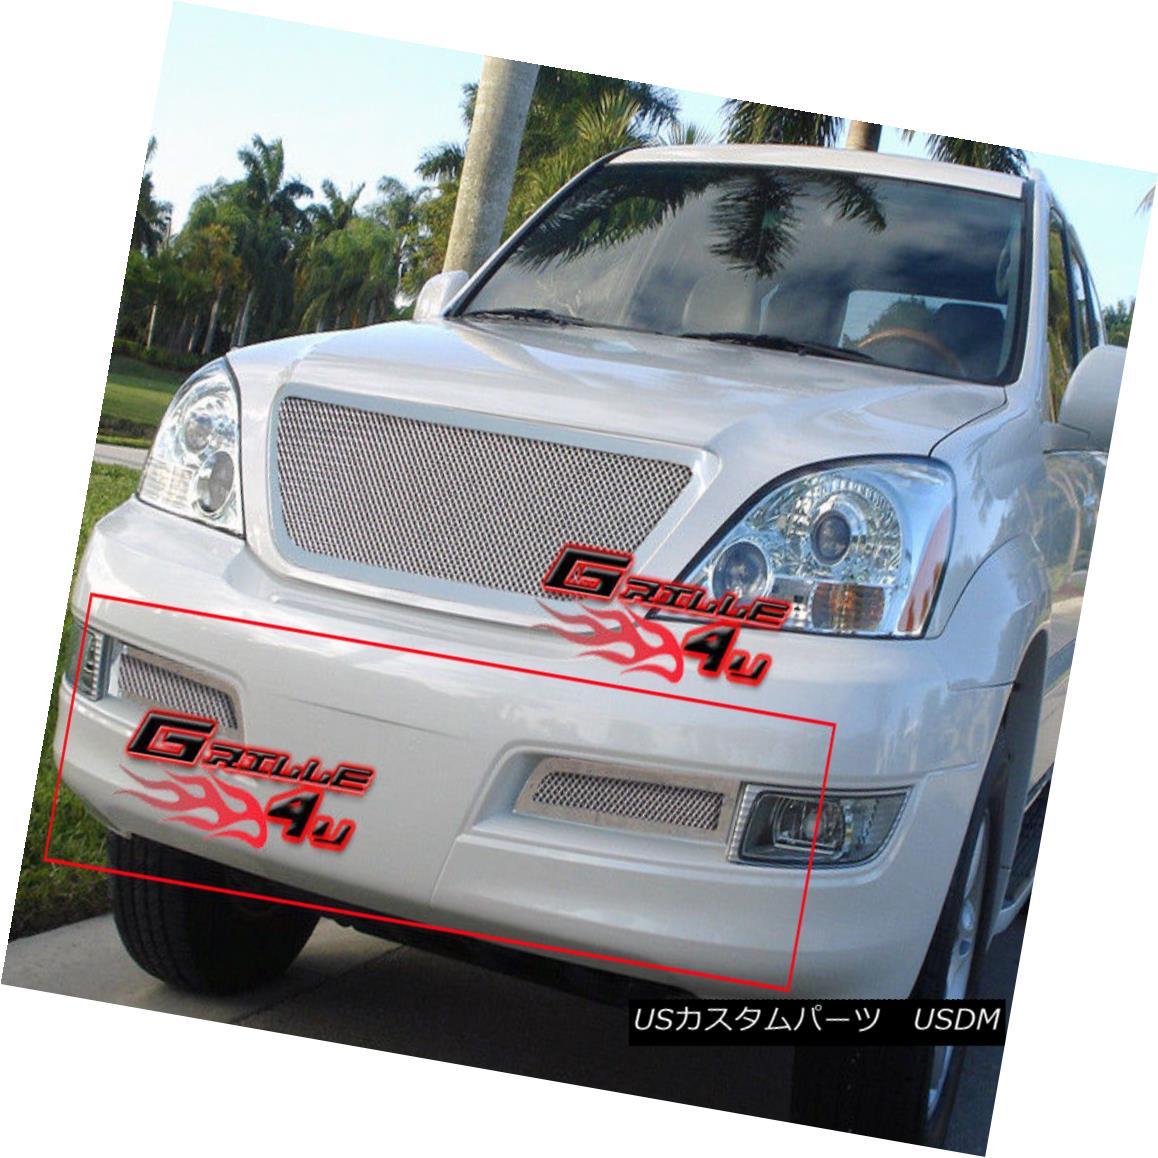 グリル Fits 03-09 Lexus GX470 Lower Bumper Stainless Mesh Grille Insert フィット03-09レクサスGX470ロワーバンパーステンレスメッシュグリルインサート